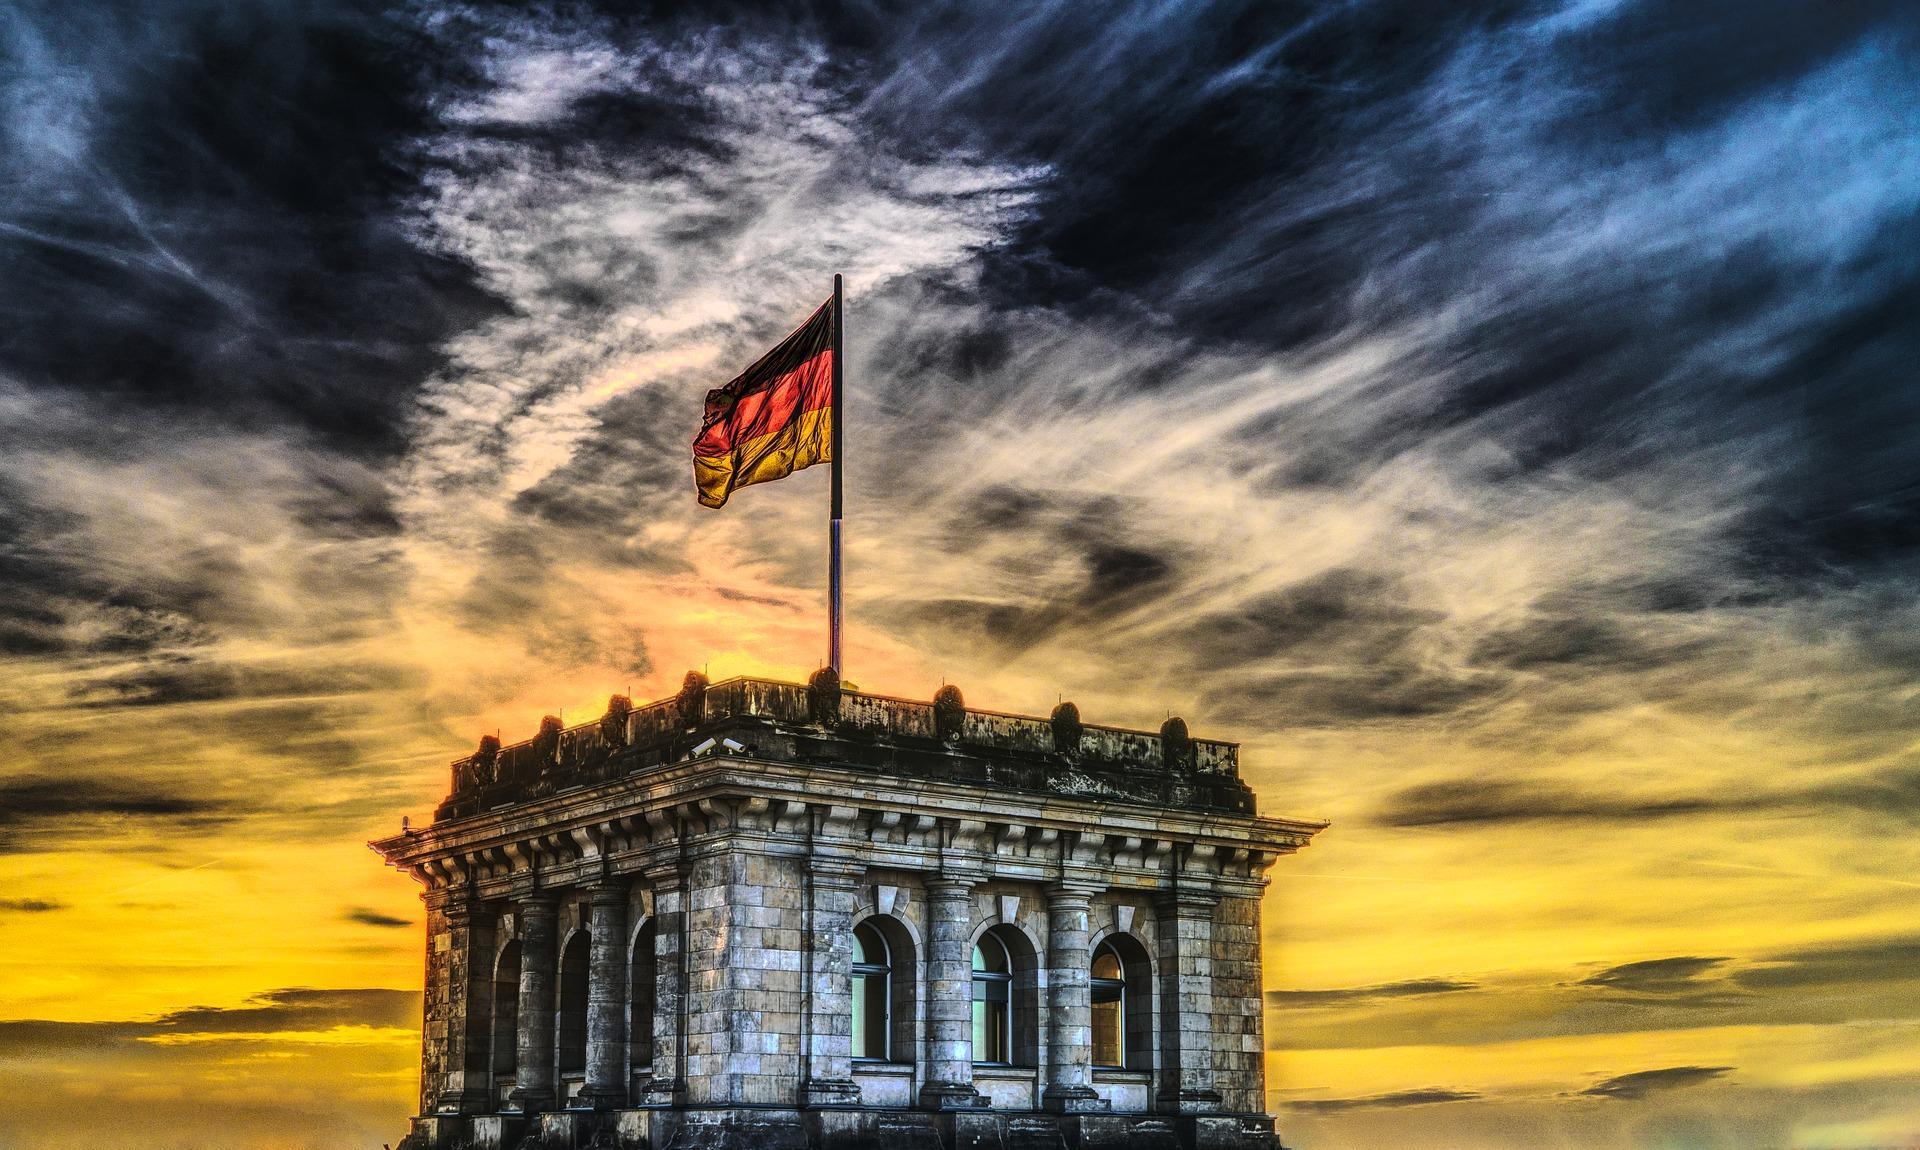 daňové priznanie nemecko - vrátenie daní